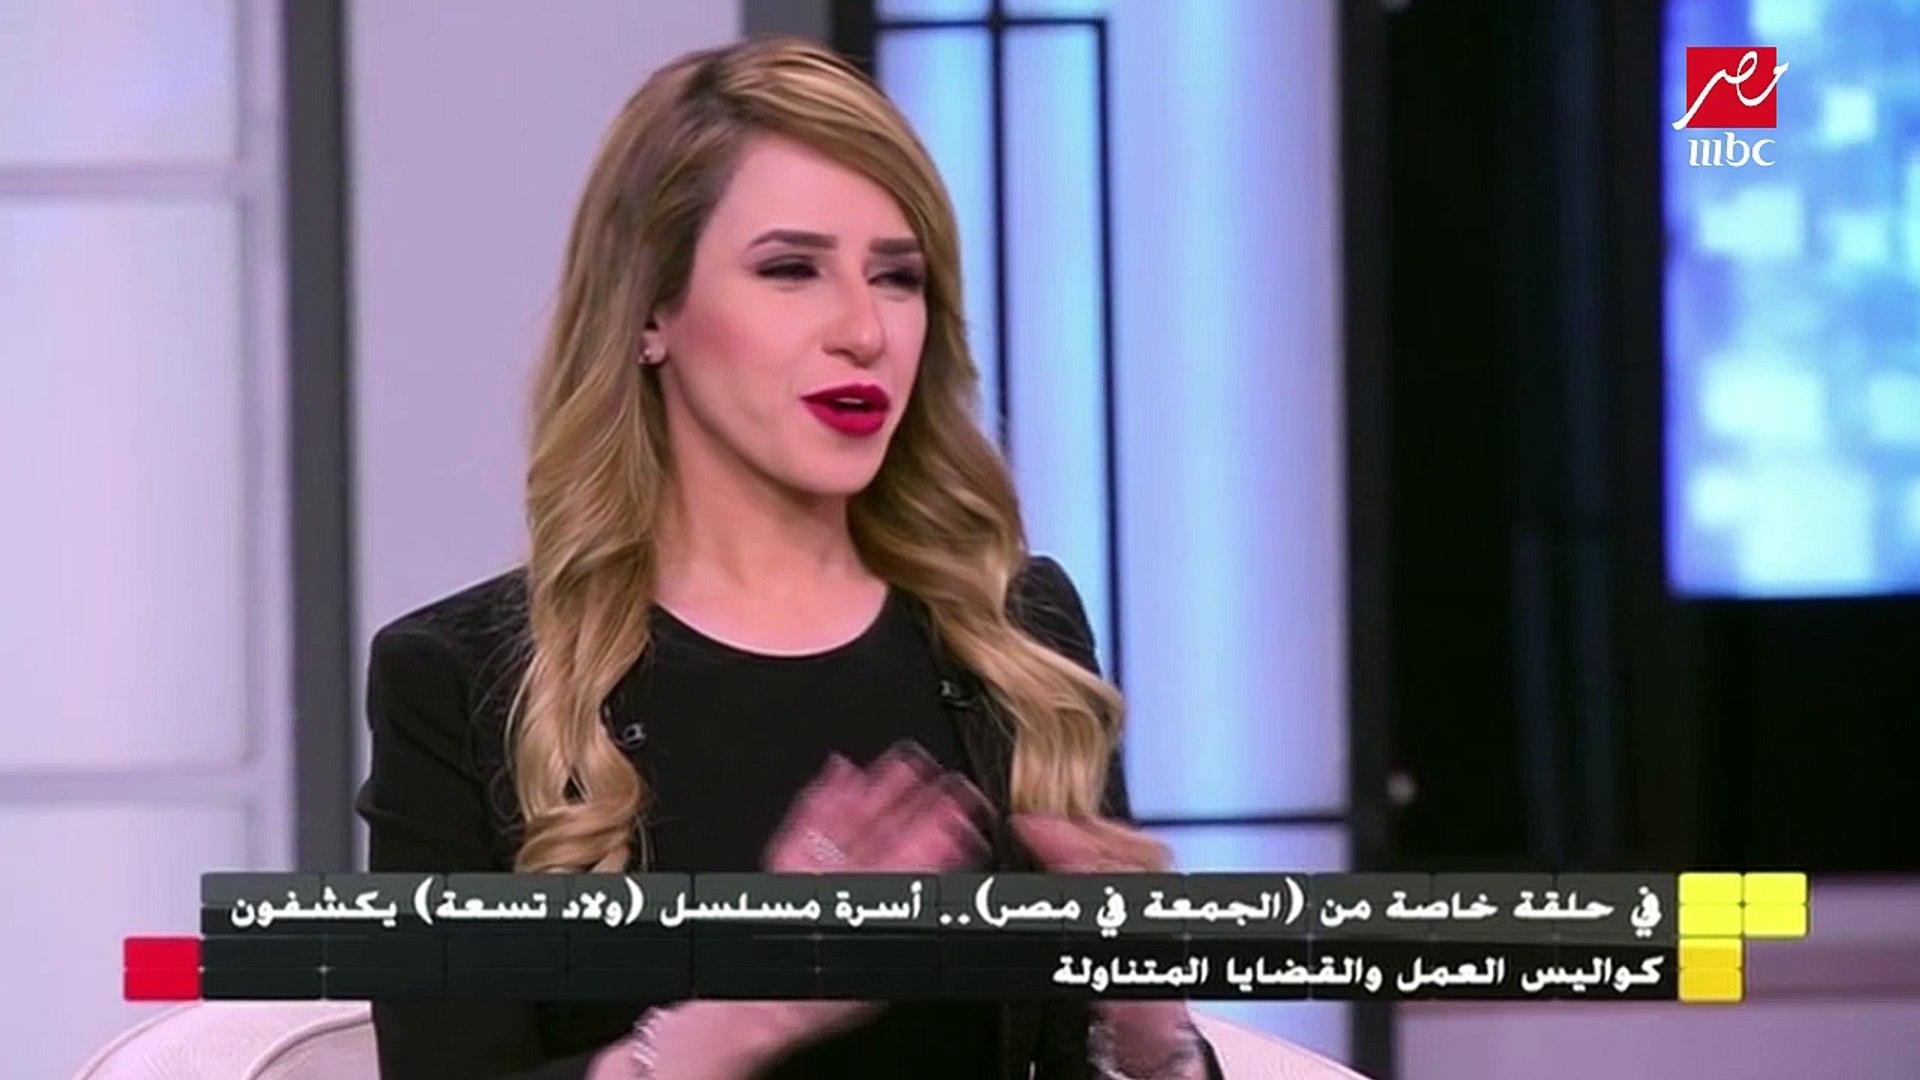 رسالة من الفنان خالد زكي لصادق الصباح منتج مسلسل ولاد تسعة